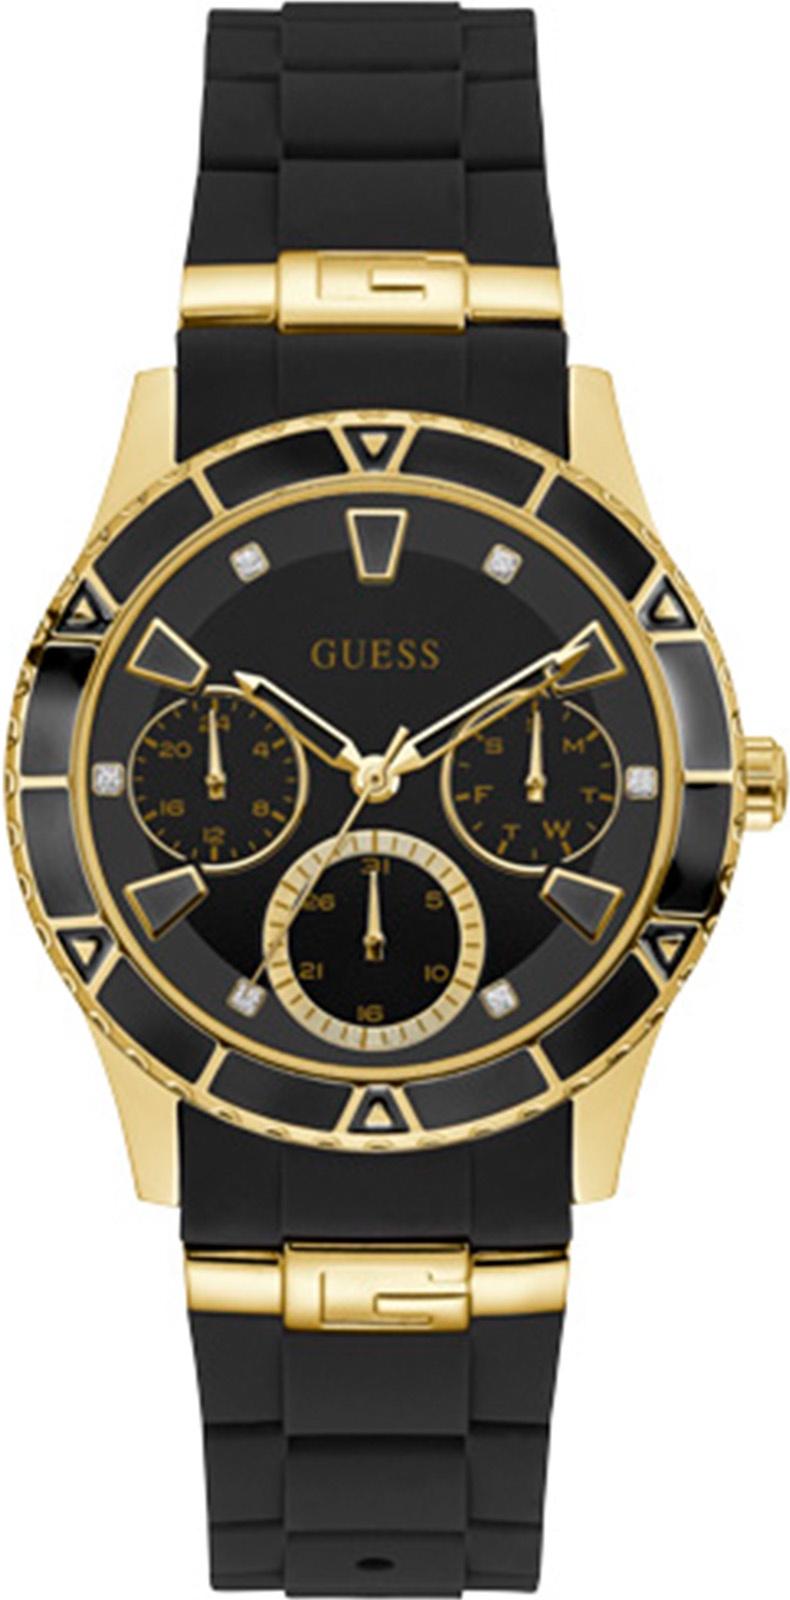 цена Часы Guess VALENCIA онлайн в 2017 году